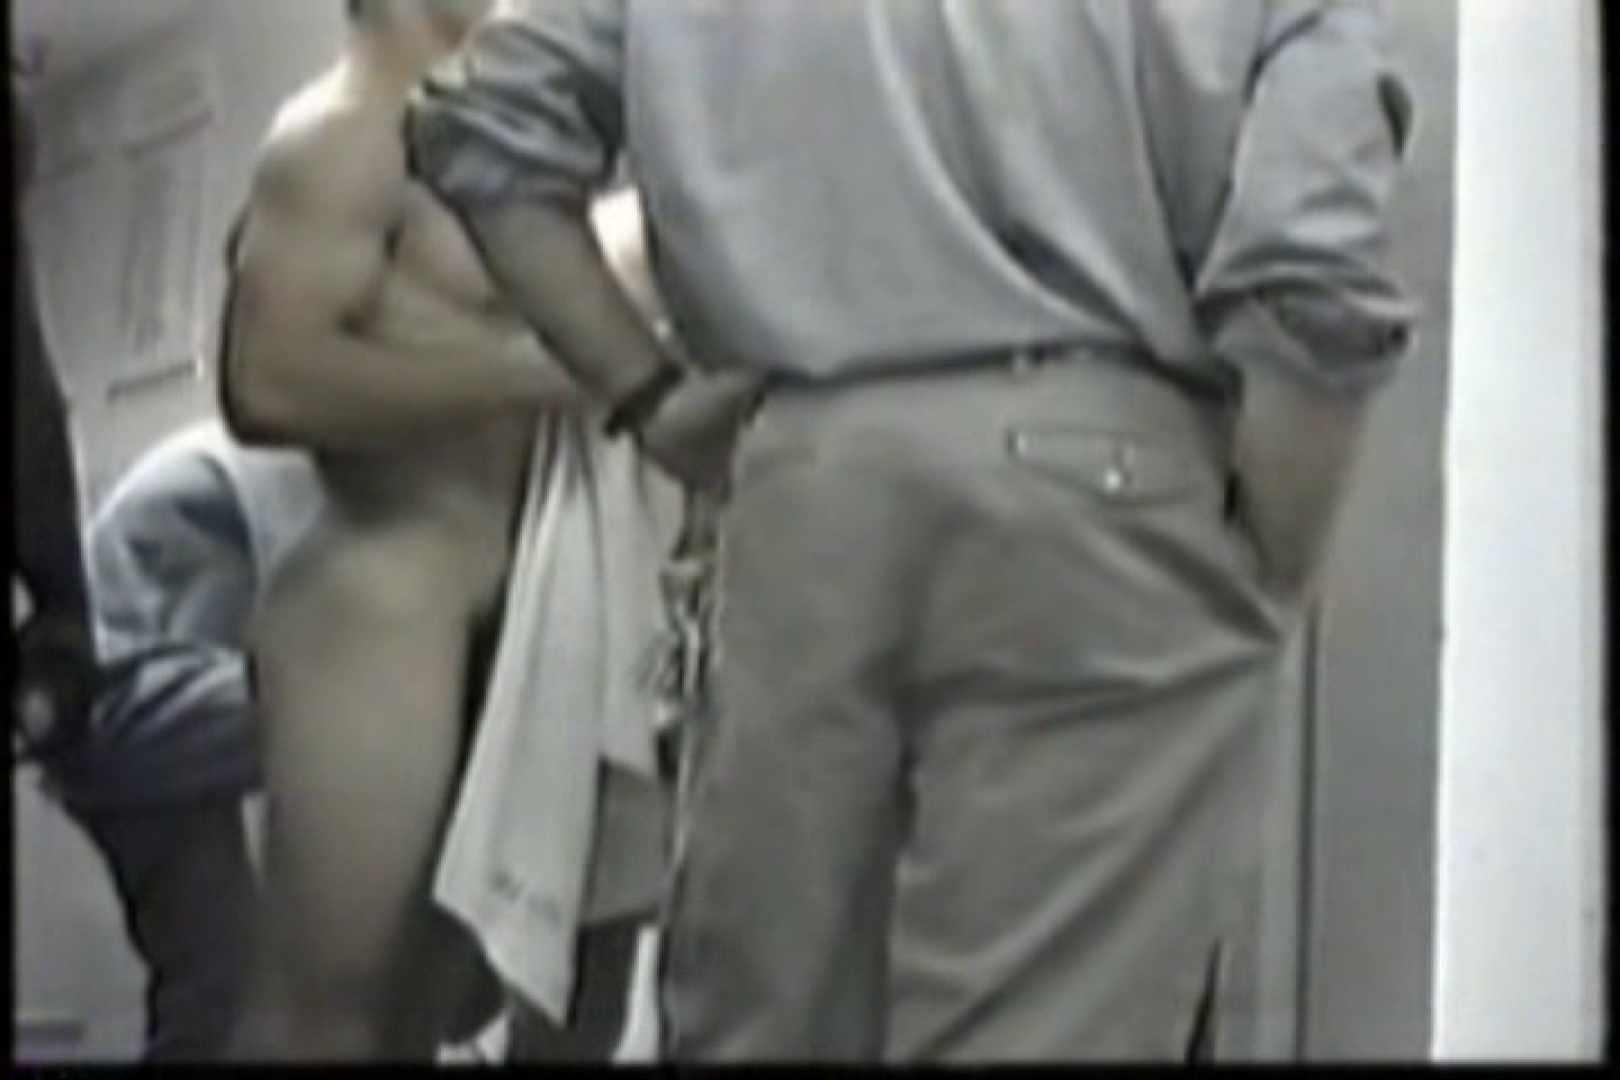 洋人さんの脱衣所を覗いてみました。VOL.6 覗きシーン   男・男・男  102枚 55